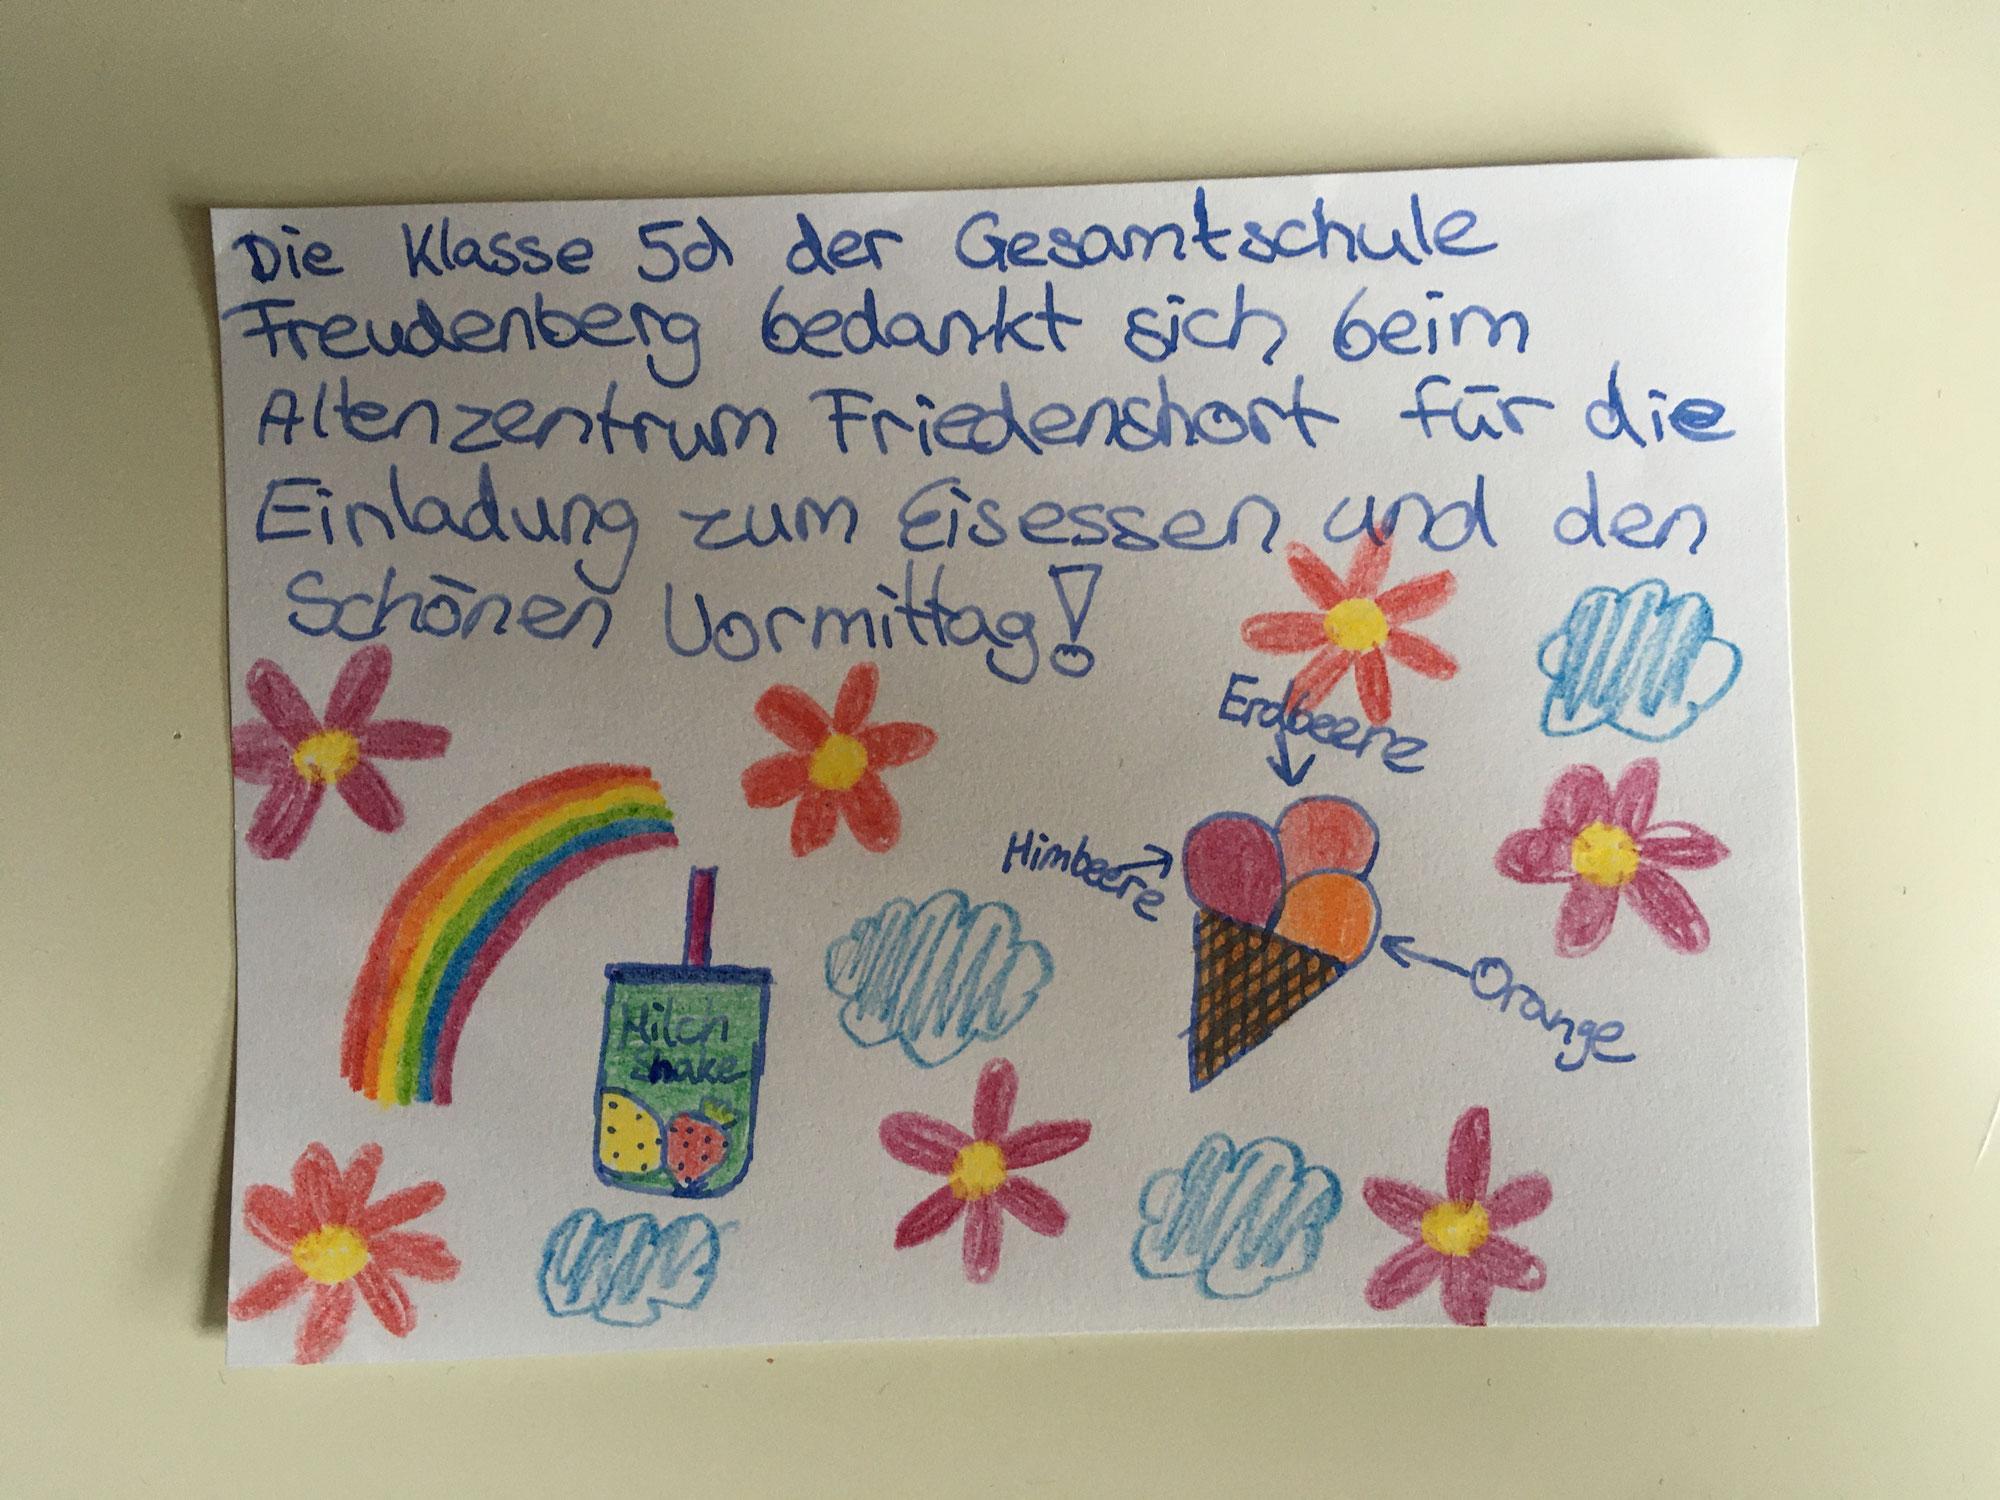 """Zu Gast im """"mobilen Eiscafé"""" des Altenzentrums Friedenshort"""